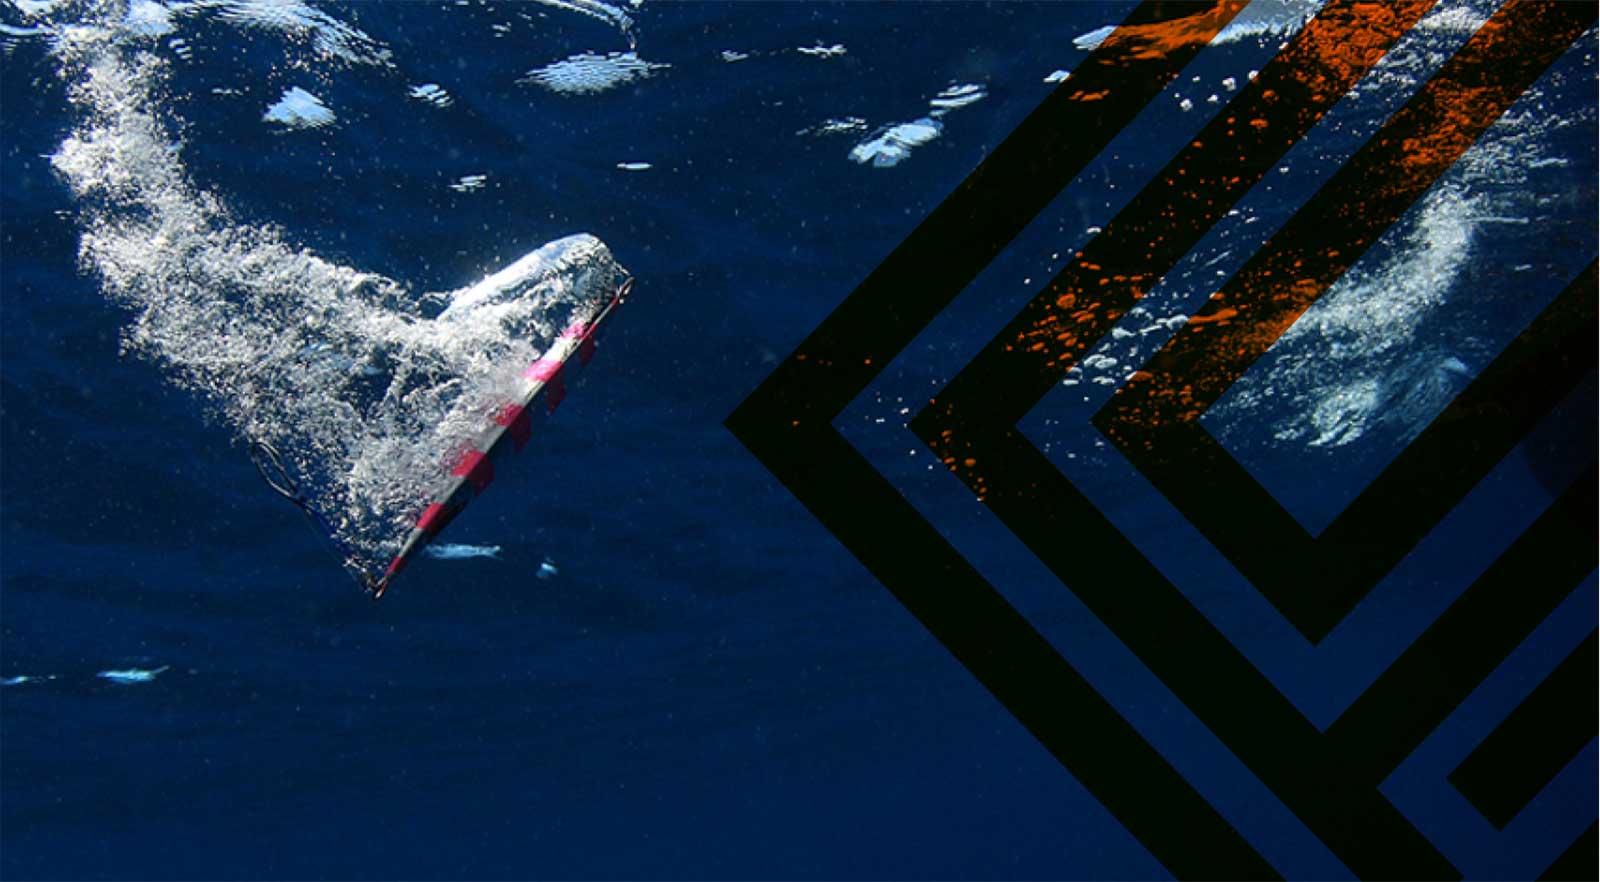 能够用实钓和职人的       技巧来证明的SFC的       铅饵能够把所有的       钓手导入到海底制霸                 慢卷线藏着无限的可能性。       海底制霸(SFC)不断的追求那个可能性,       在制作所有的目标都会反应的究极金属饵。       铅饵的开发超乎想像费时费力,       而且在本工厂全部都是手工制作,商品的精密程度,       外观的美感富于变化的同时也不允许别的公司超过。                   能够用实钓和职人的     技巧来证明的SFC的     铅饵能够把所有的     钓手导入到海底制霸